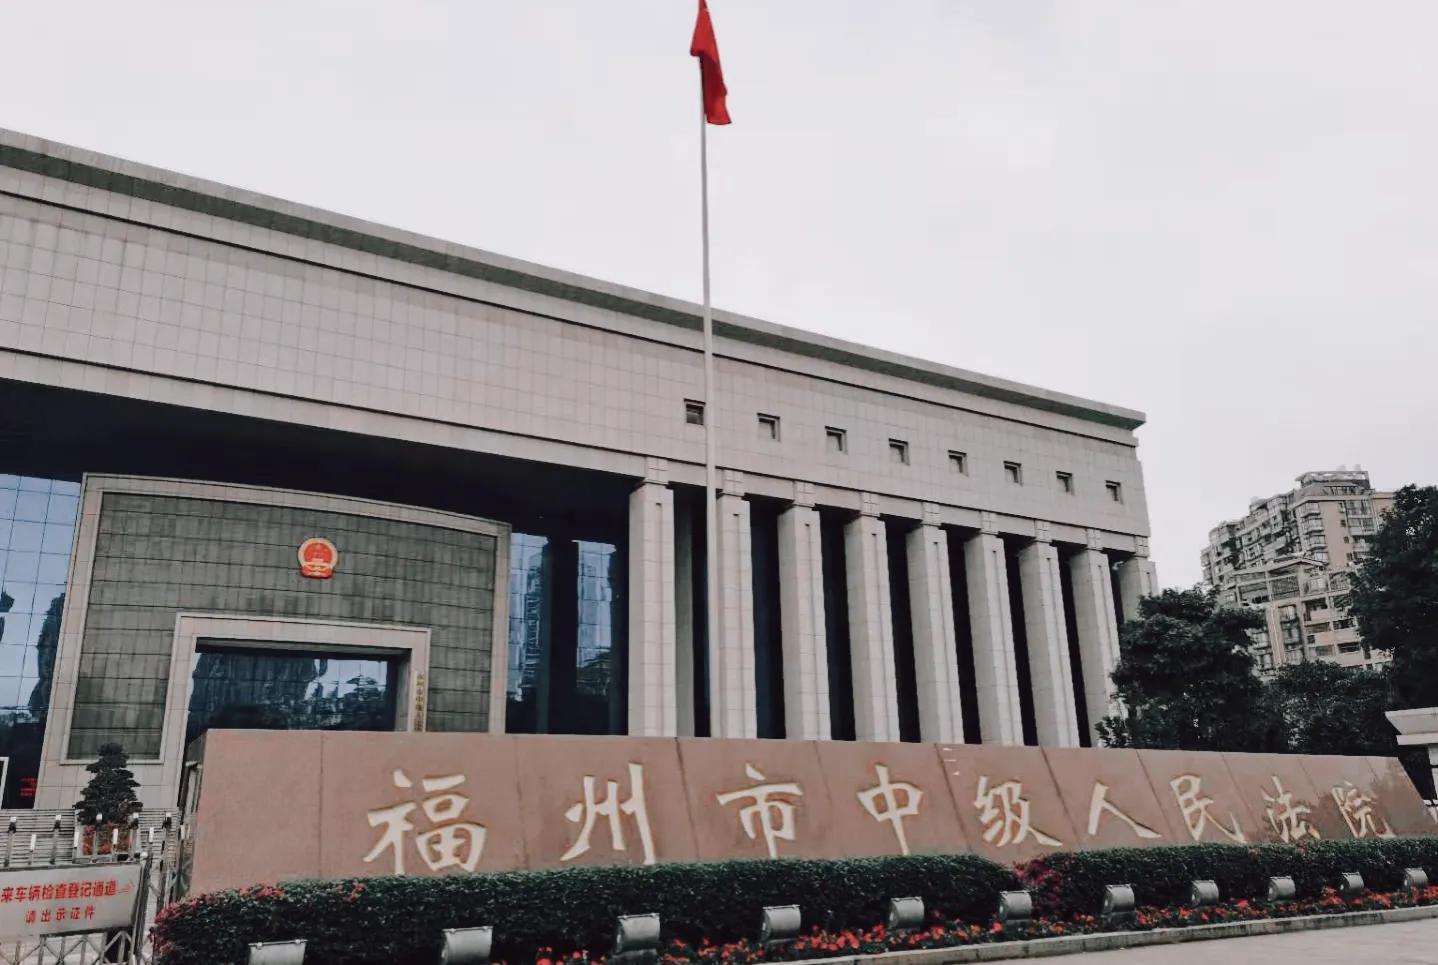 吴谢宇不服死刑正式提起上诉:心怀感恩,何以堕魔?